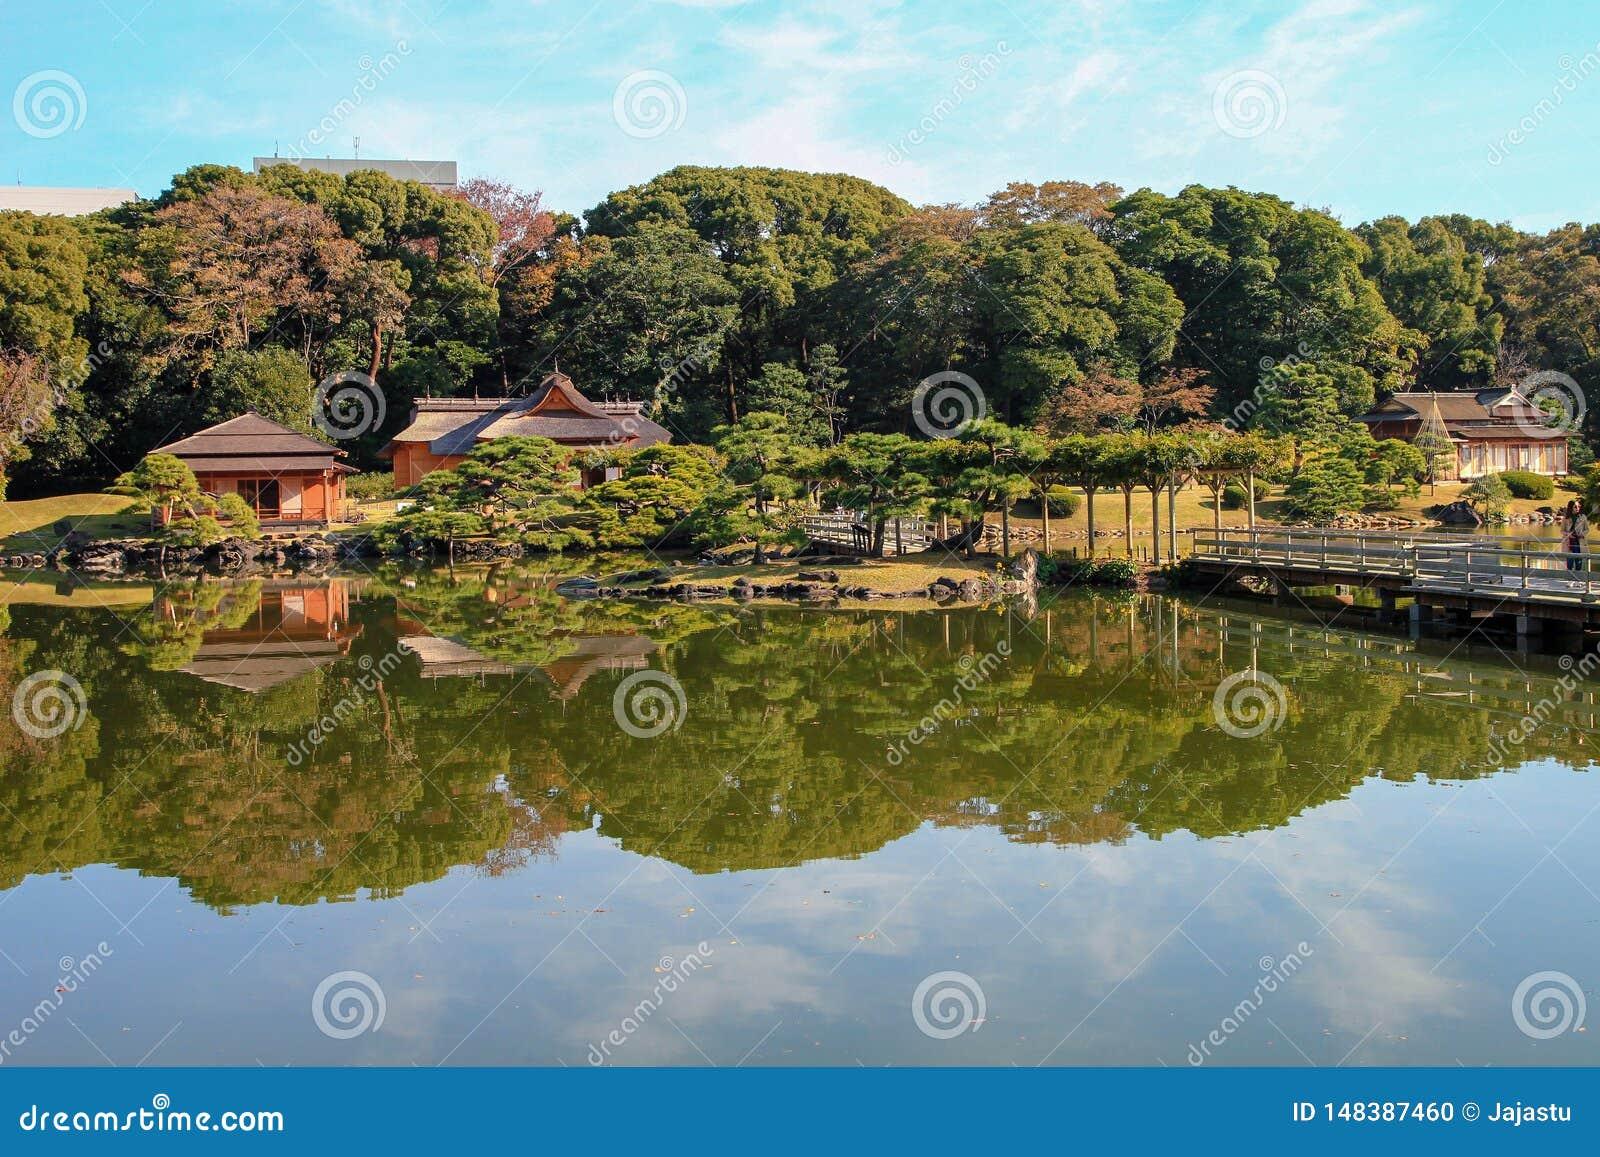 美丽的新宿公园在东京,日本